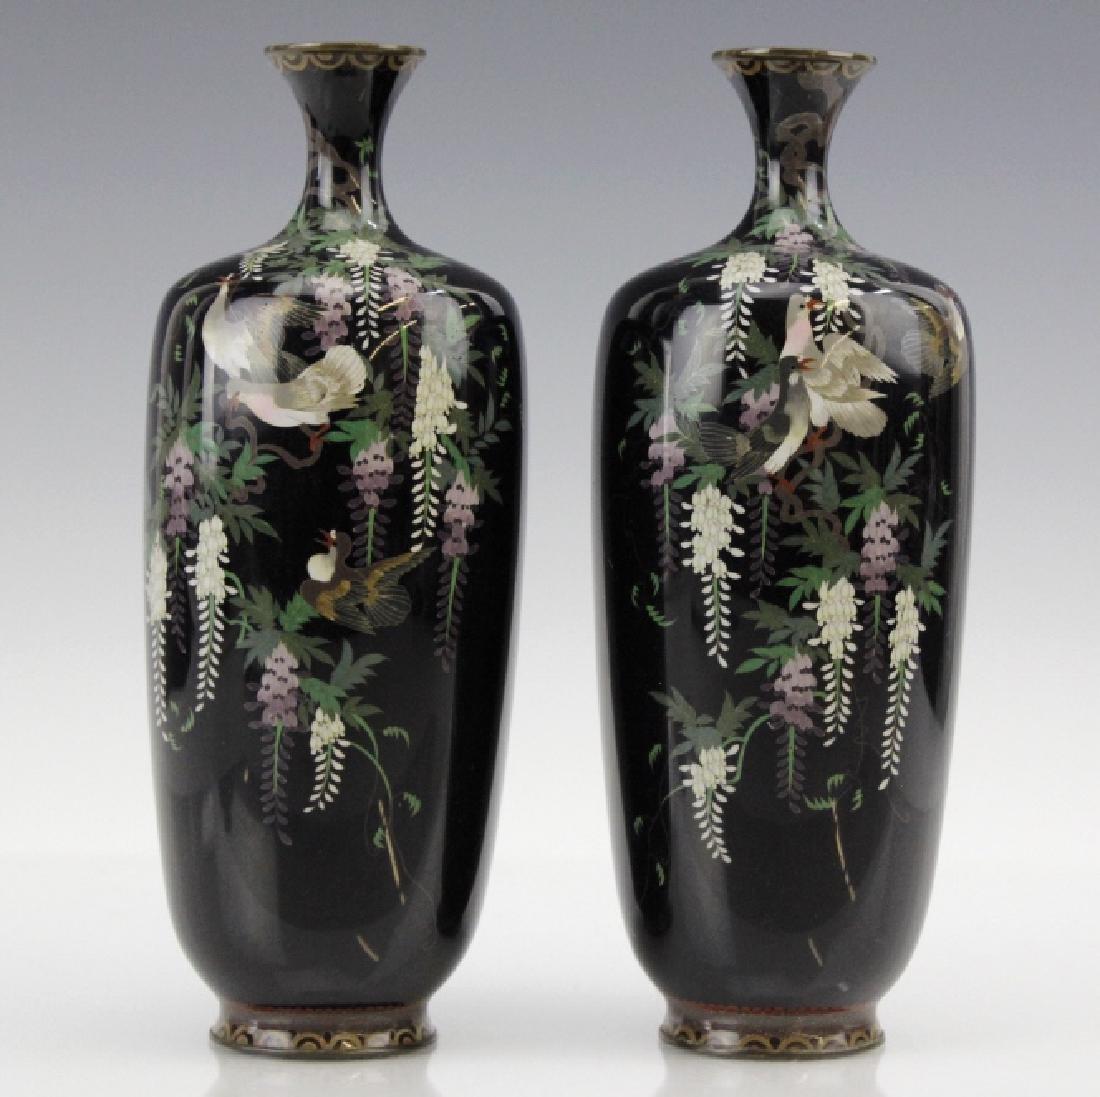 PAIR of Japanese Cloisonne Enamel Vase FINE - 10